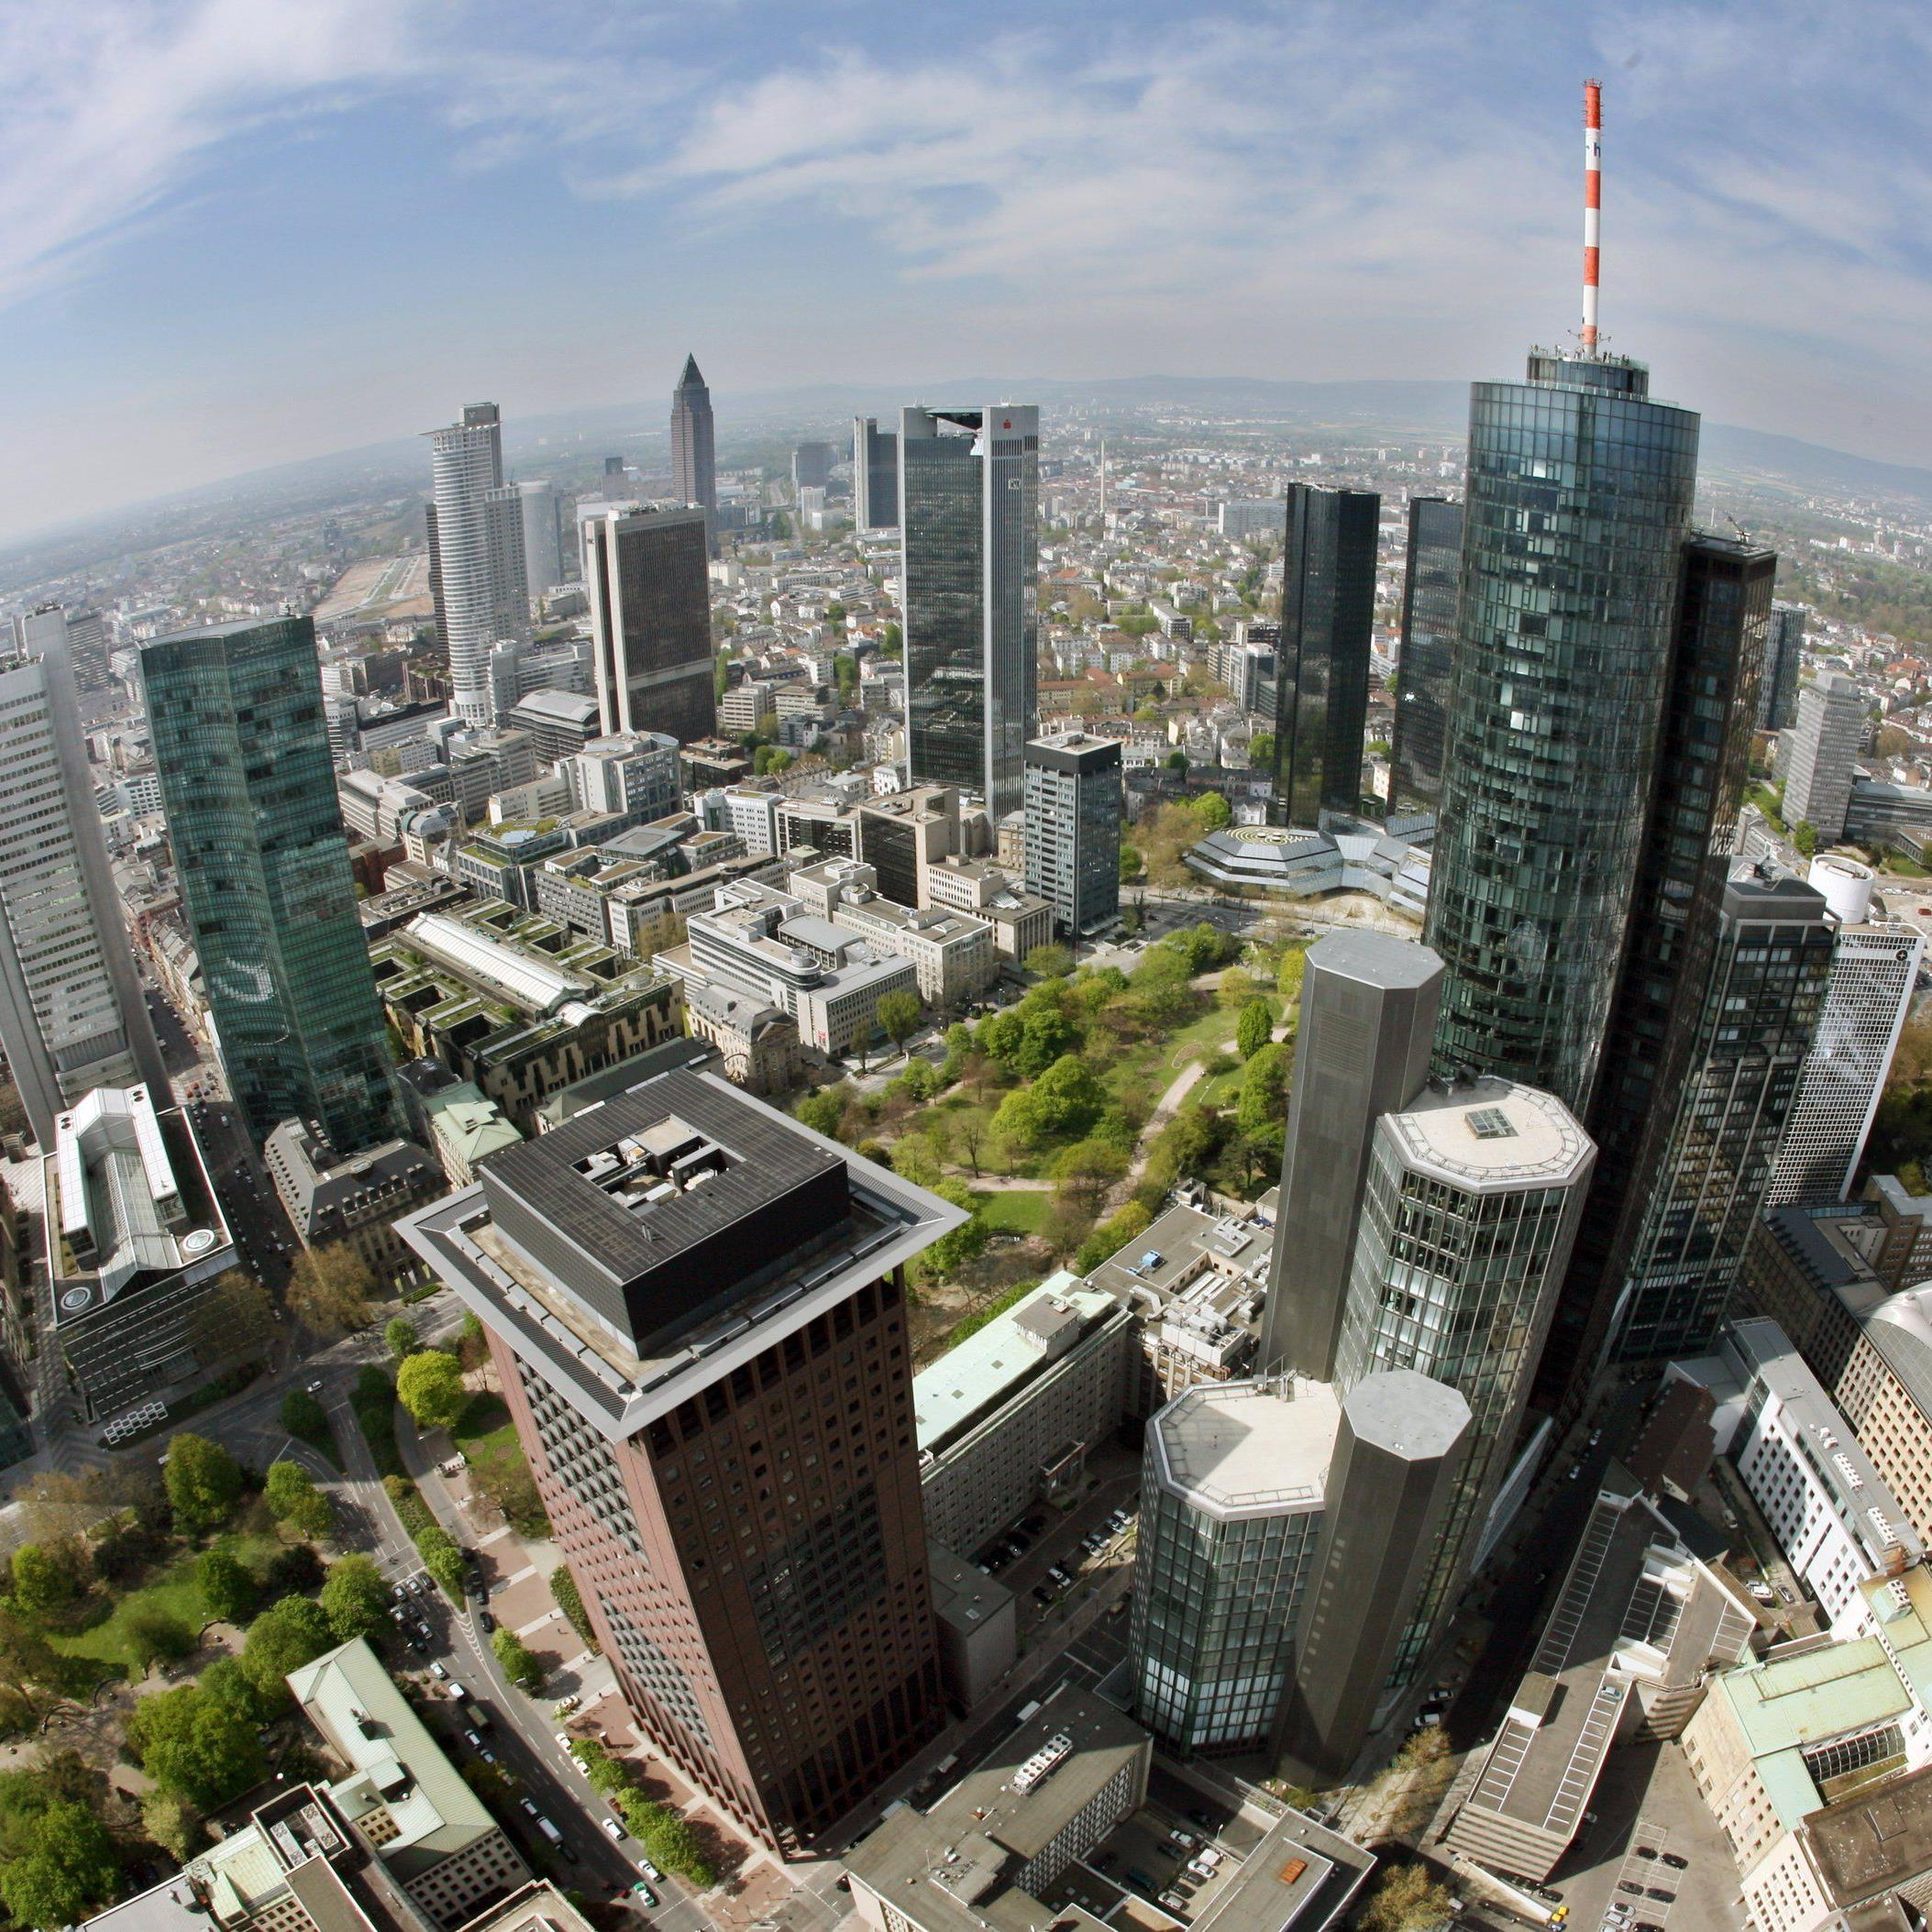 Europas Bankenunion soll auf drei Pfeilern gründen: Bankenaufsicht, Bankenabwicklung, Einlagensicherung